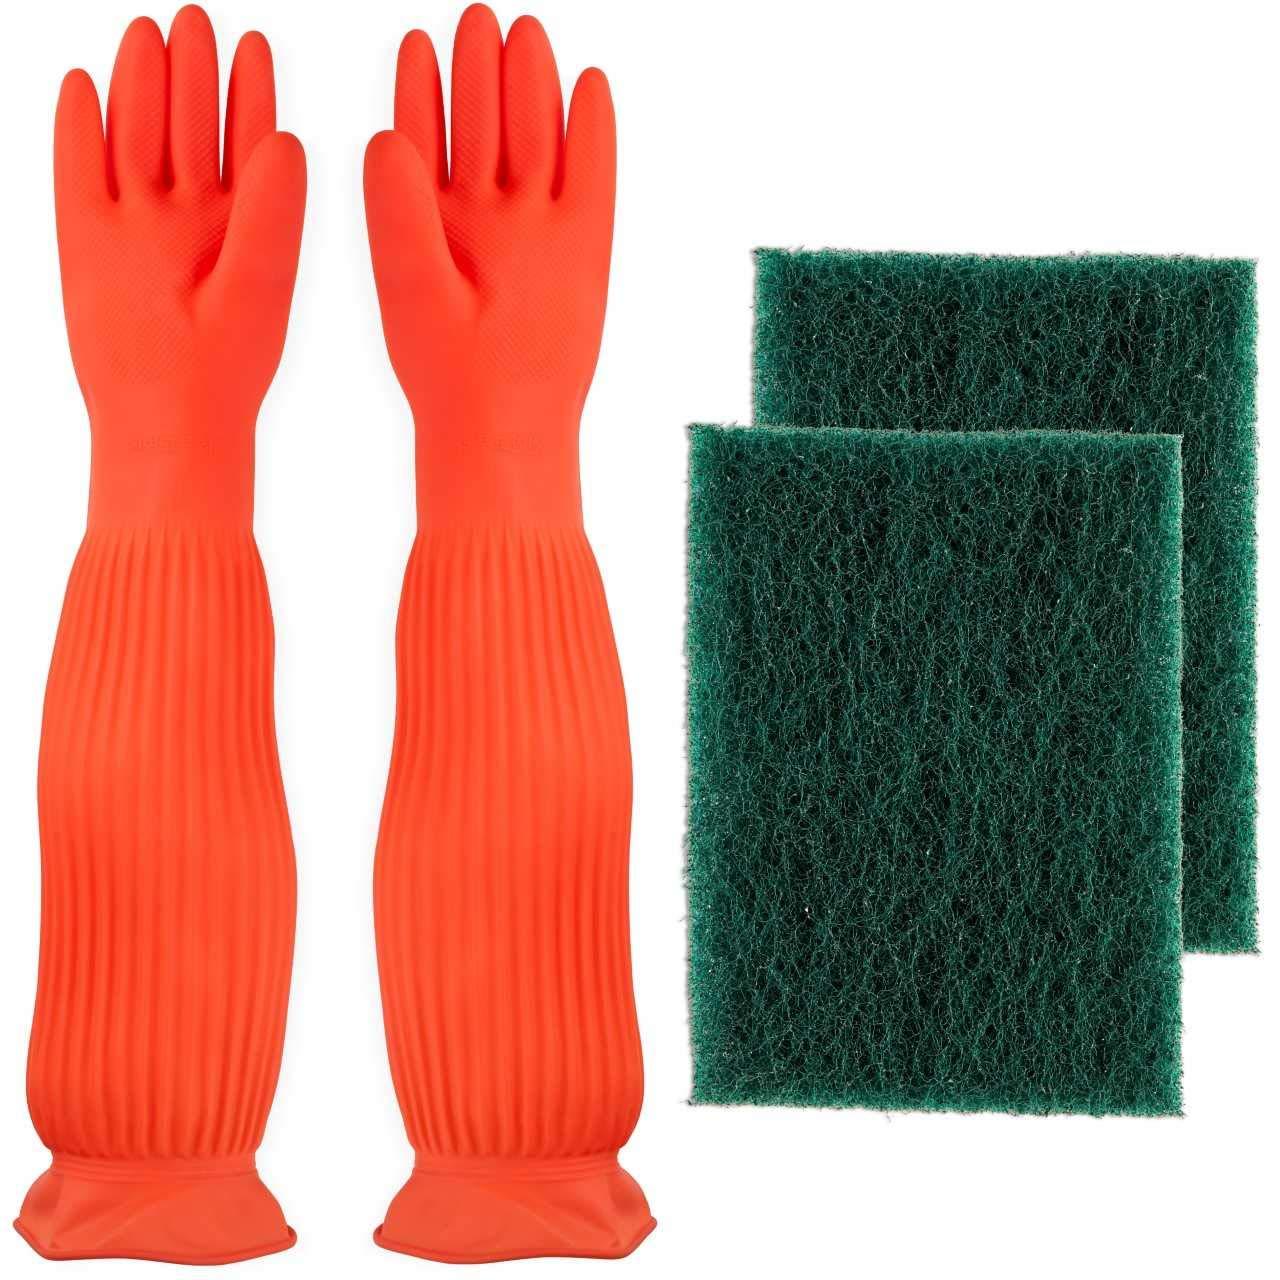 AroPaw Aquarium Cleaning Tools Set Includes Waterproof BPA Free Gloves, 2 Pack Algae Scraper Sponge Scrubber Pad, Aquarium Cleaner Fish Tank Cleaner by AroPaw